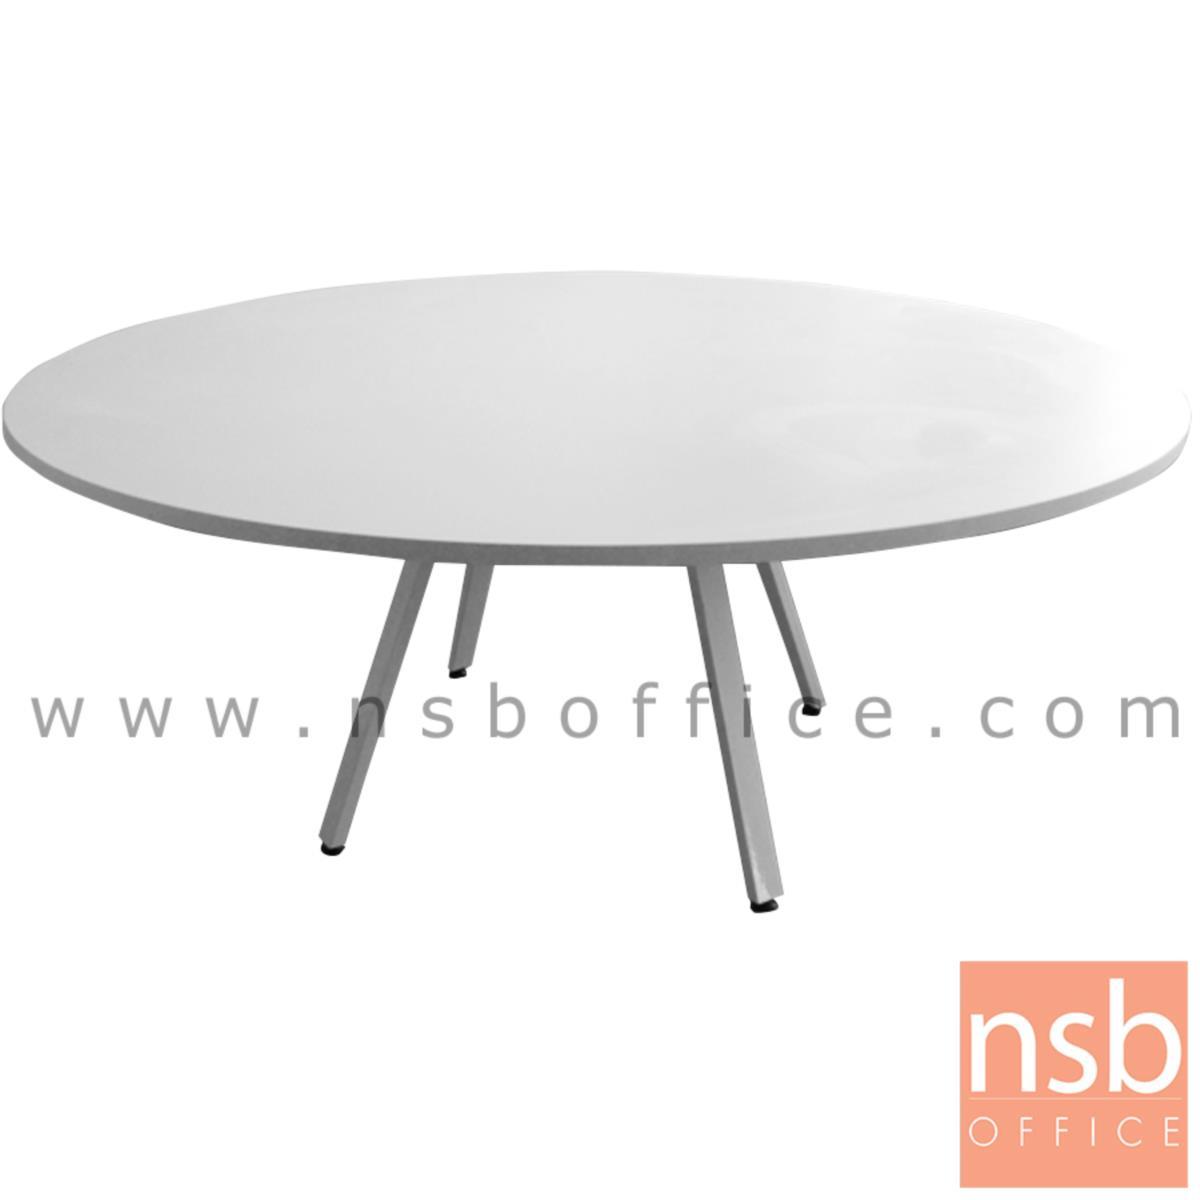 โต๊ะประชุมทรงวงกลม  ขนาด 90Di ,120Di1 ,150Di cm.  ขาเหล็กกล่องทำสี